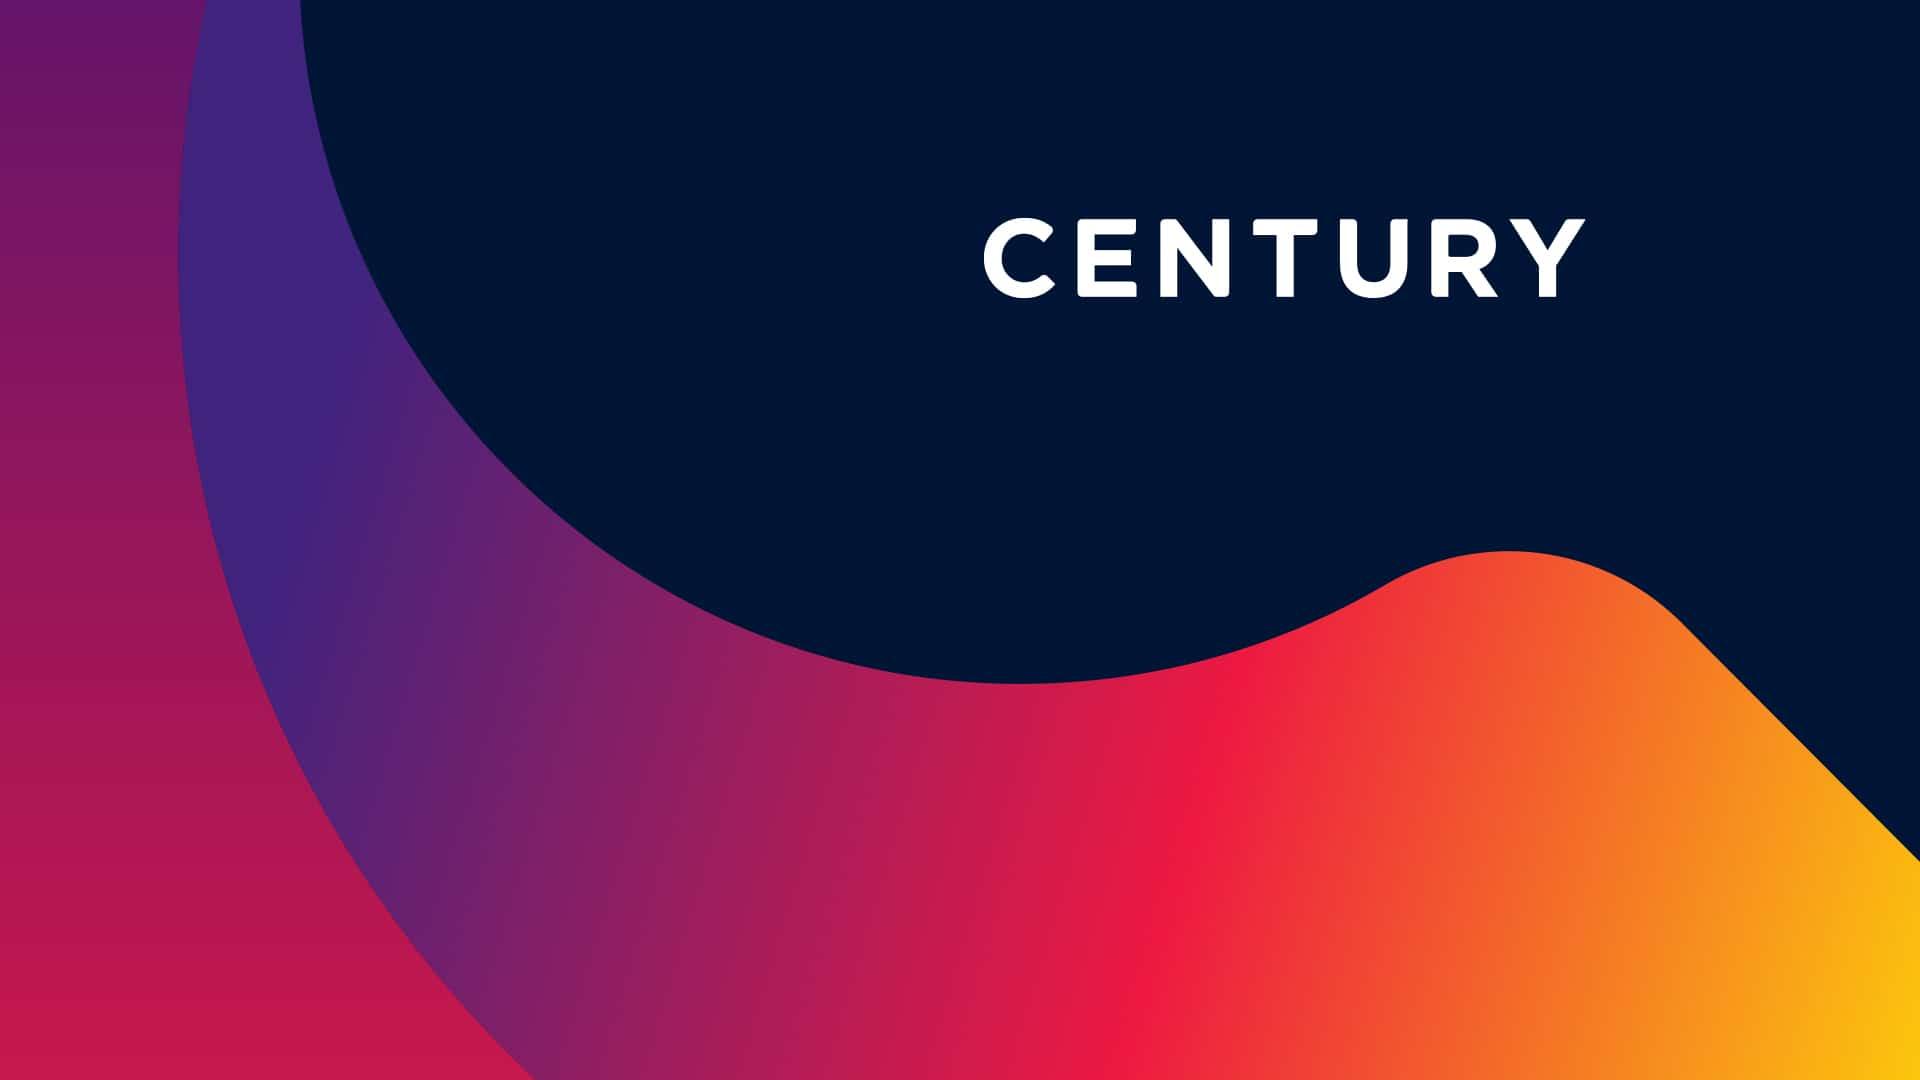 fitosophy-century-logo-c1